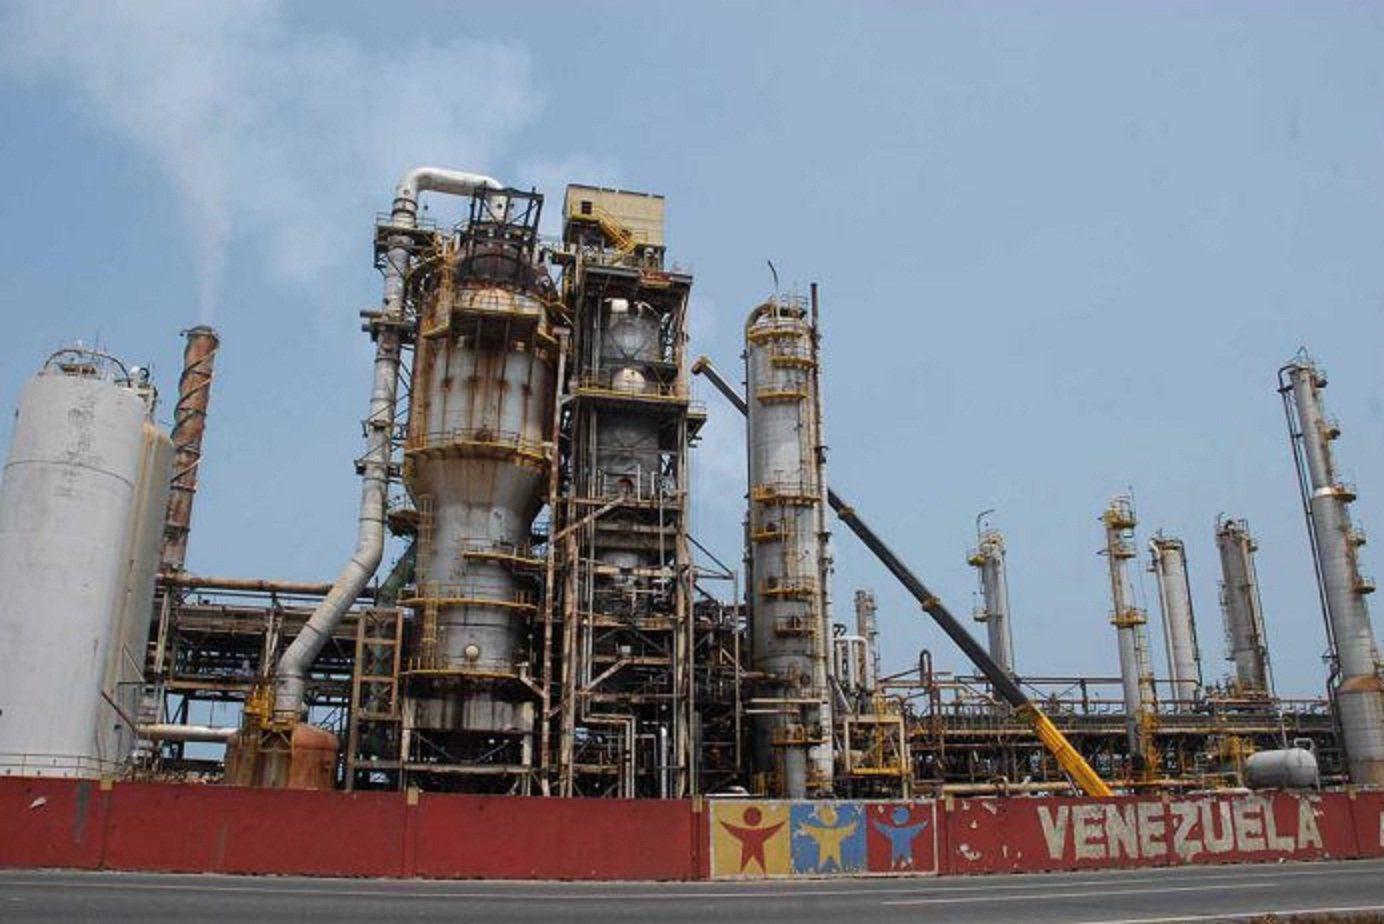 Organismos que cuidan el ambiente en Bonaire alertaron acerca de la falta de mantenimiento de los tanques que Pdvsa mantiene en un terminal petrolero de la isla